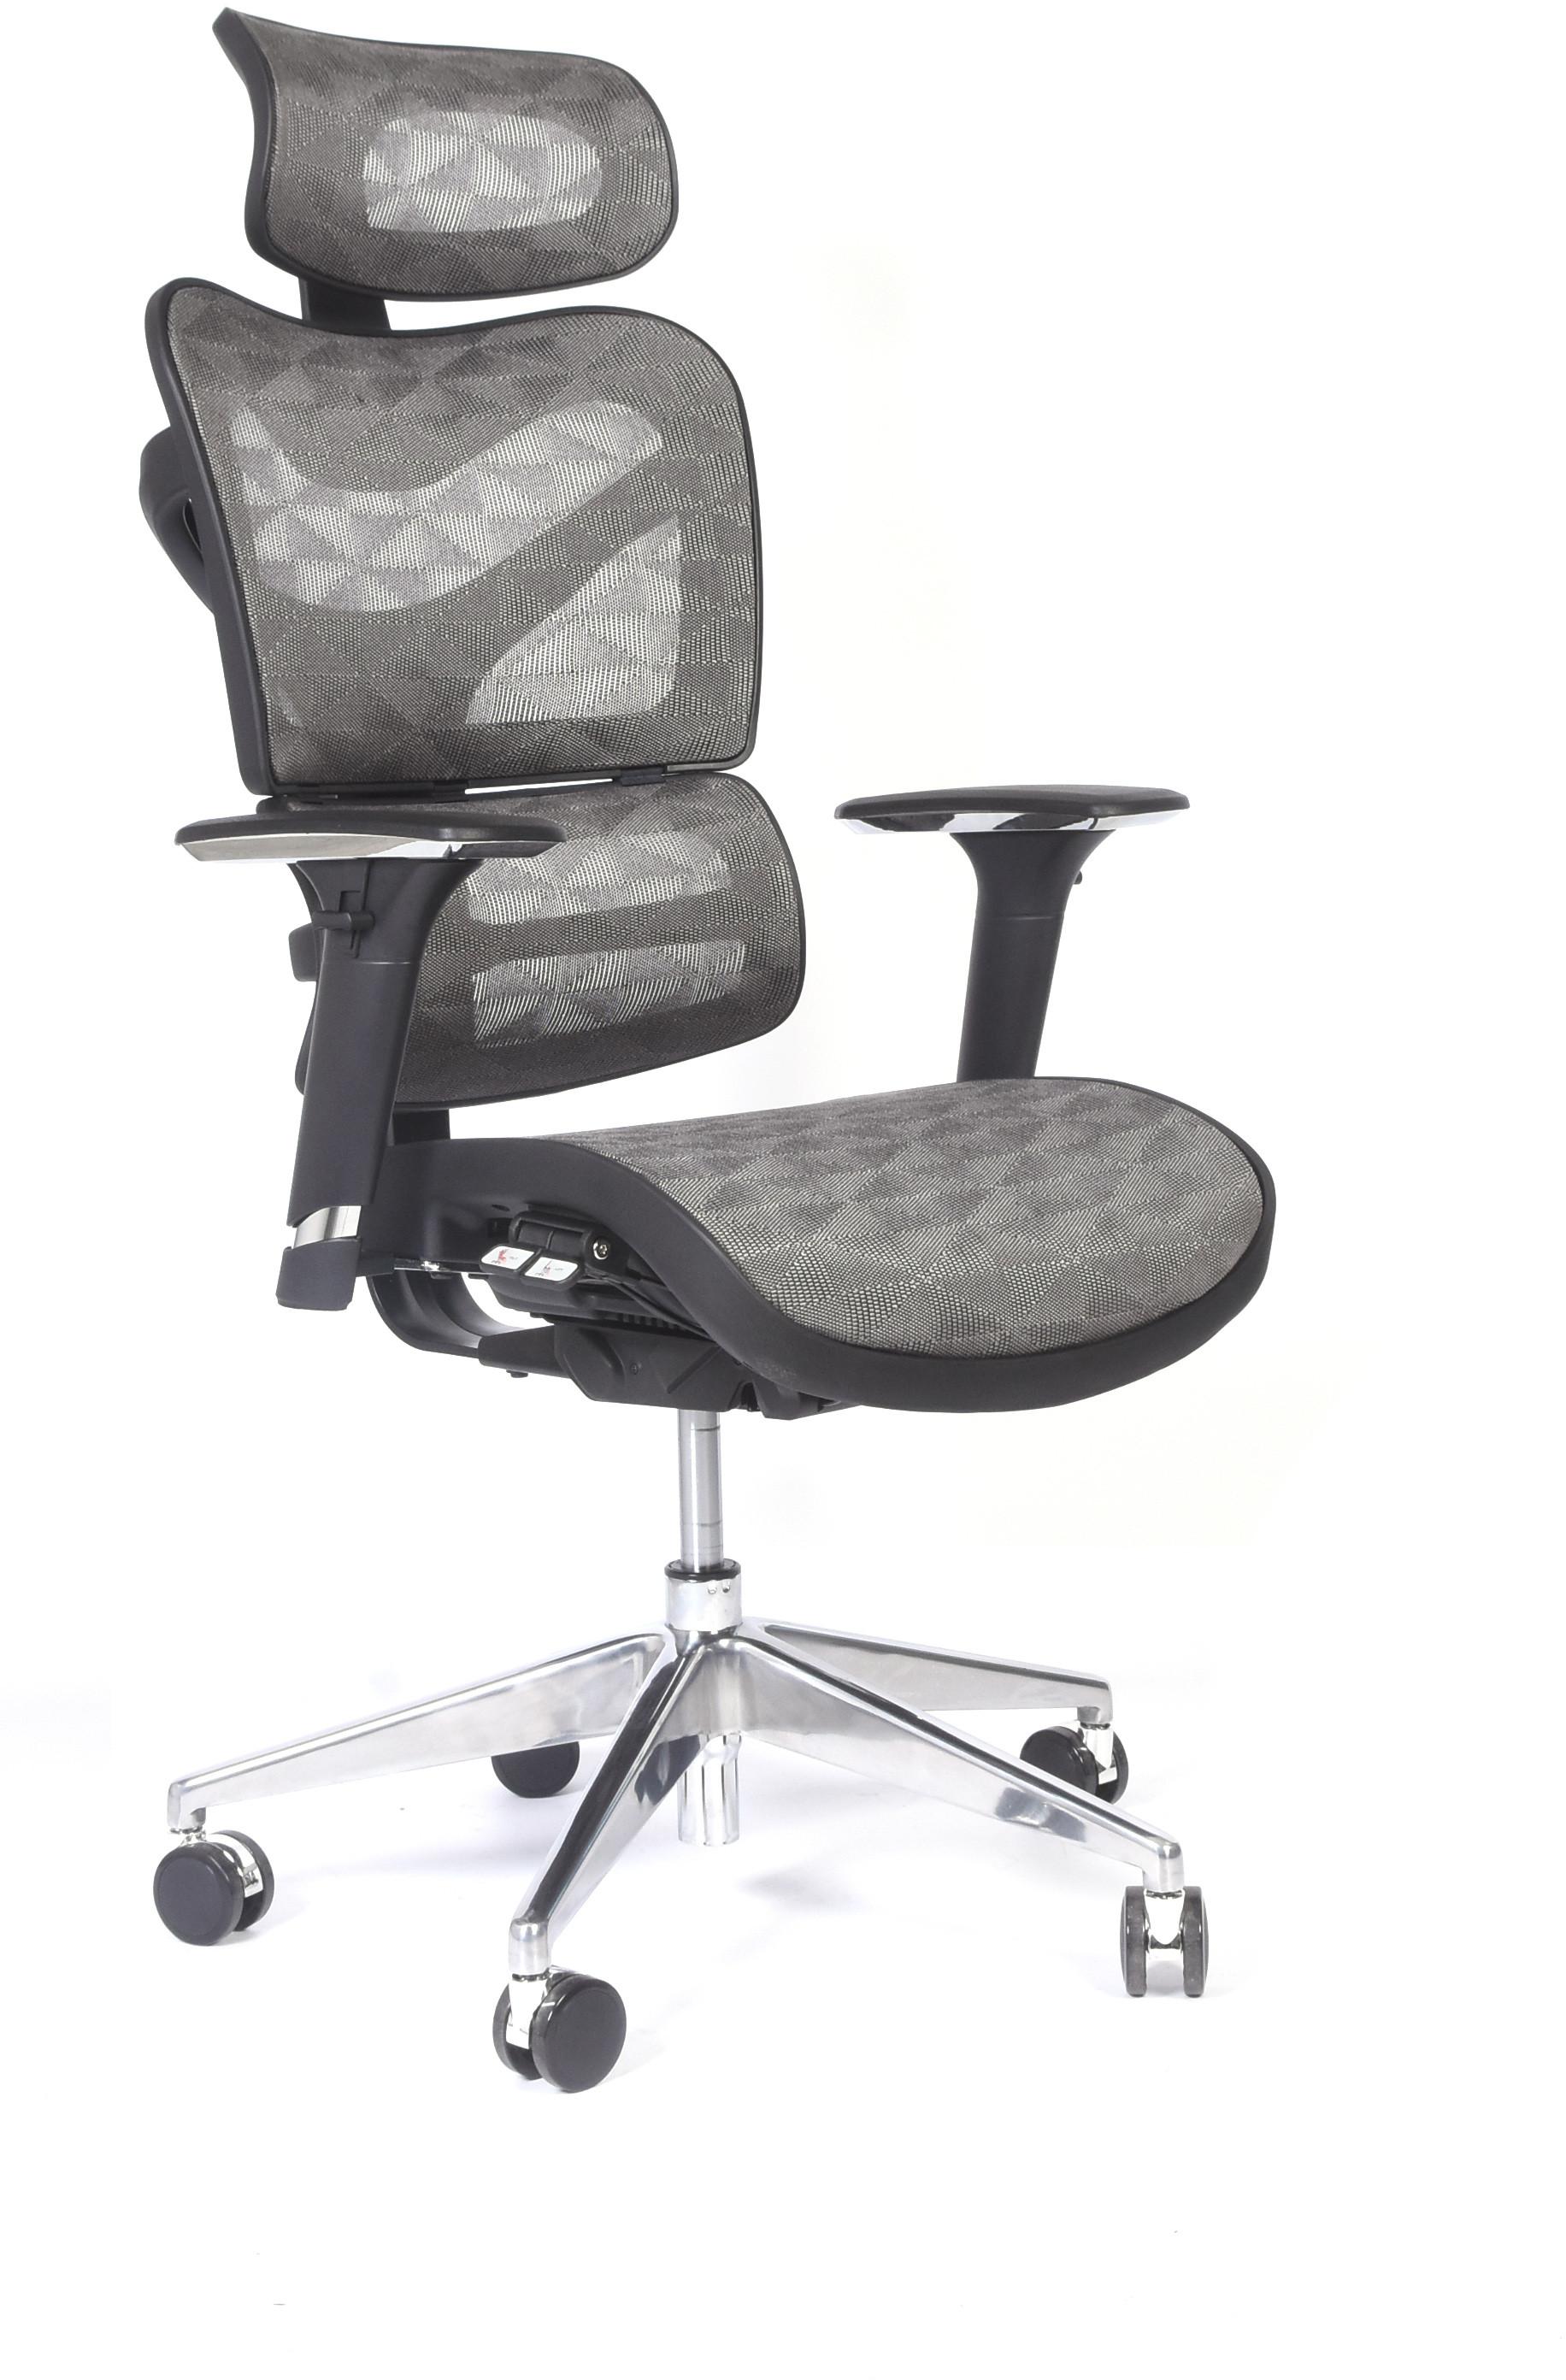 Bemondi Ergonomiczny fotel biurowy ERGO 600 JNS-726B W16